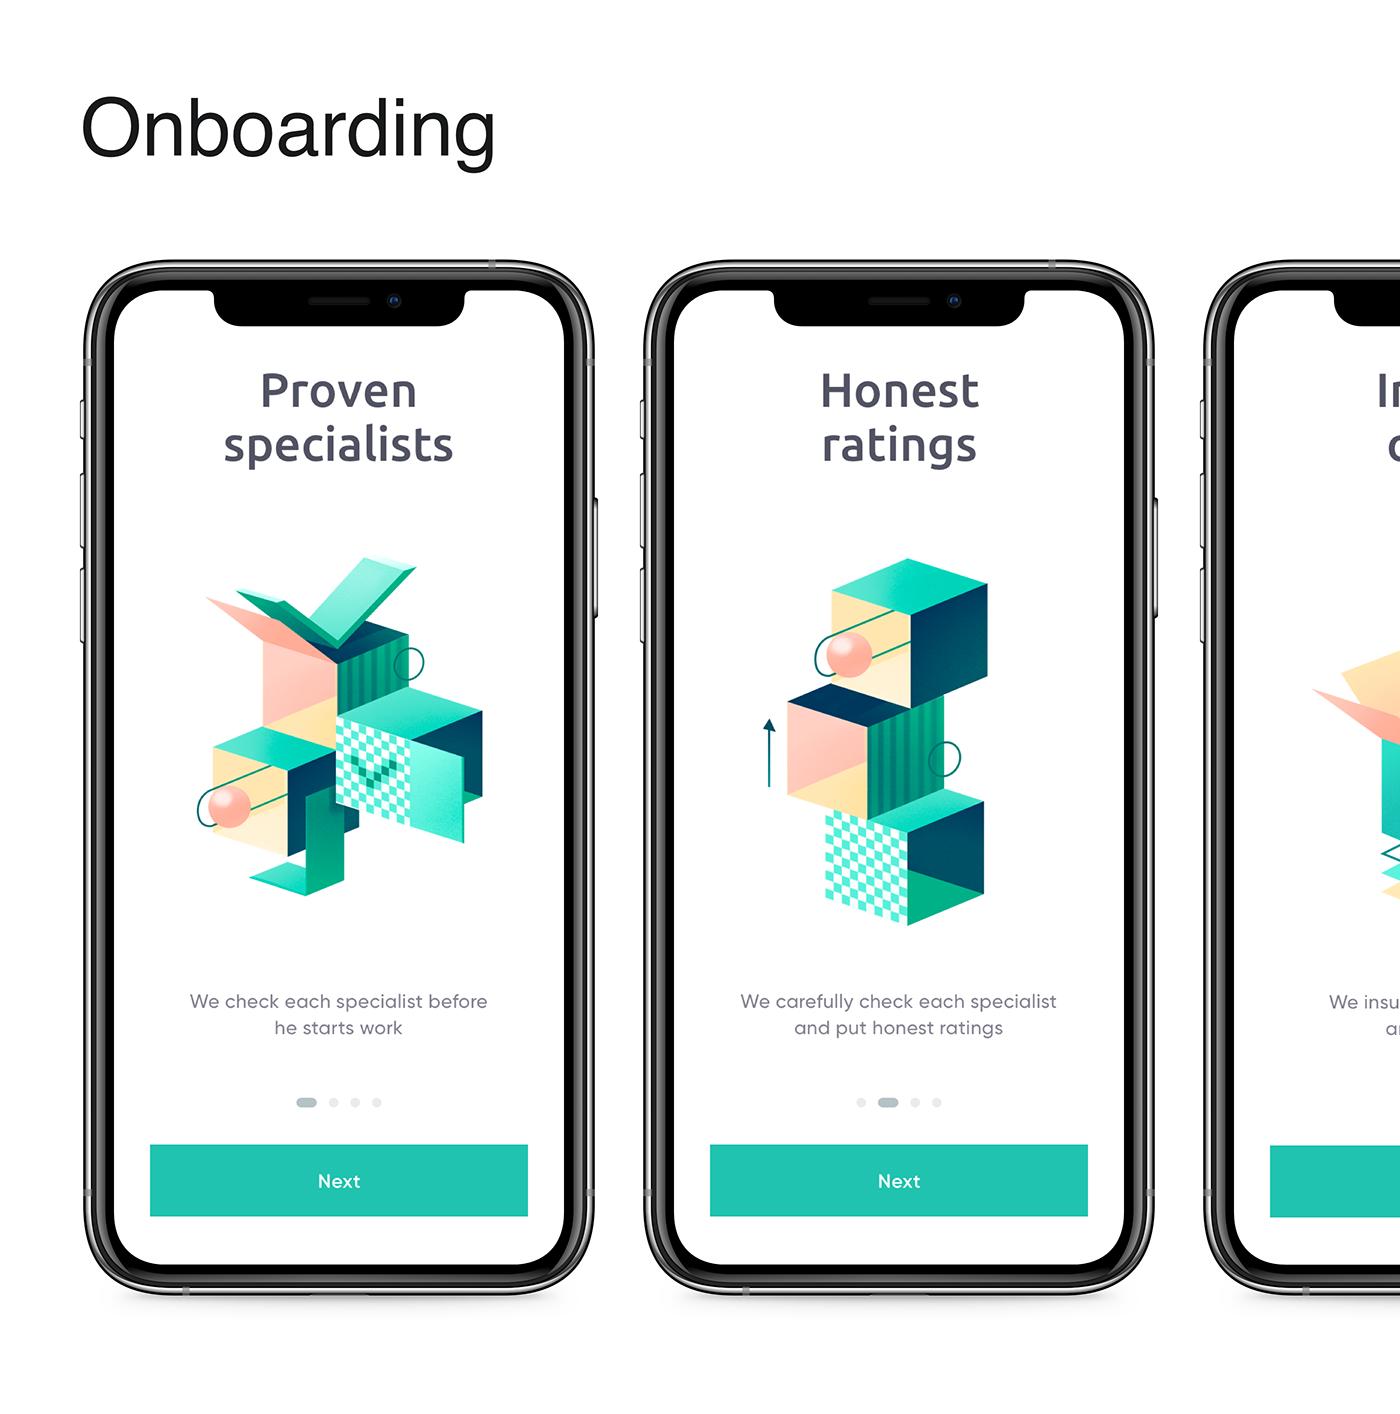 design download free ILLUSTRATION  mobile Onboarding template ui kit UI/UX Web Design